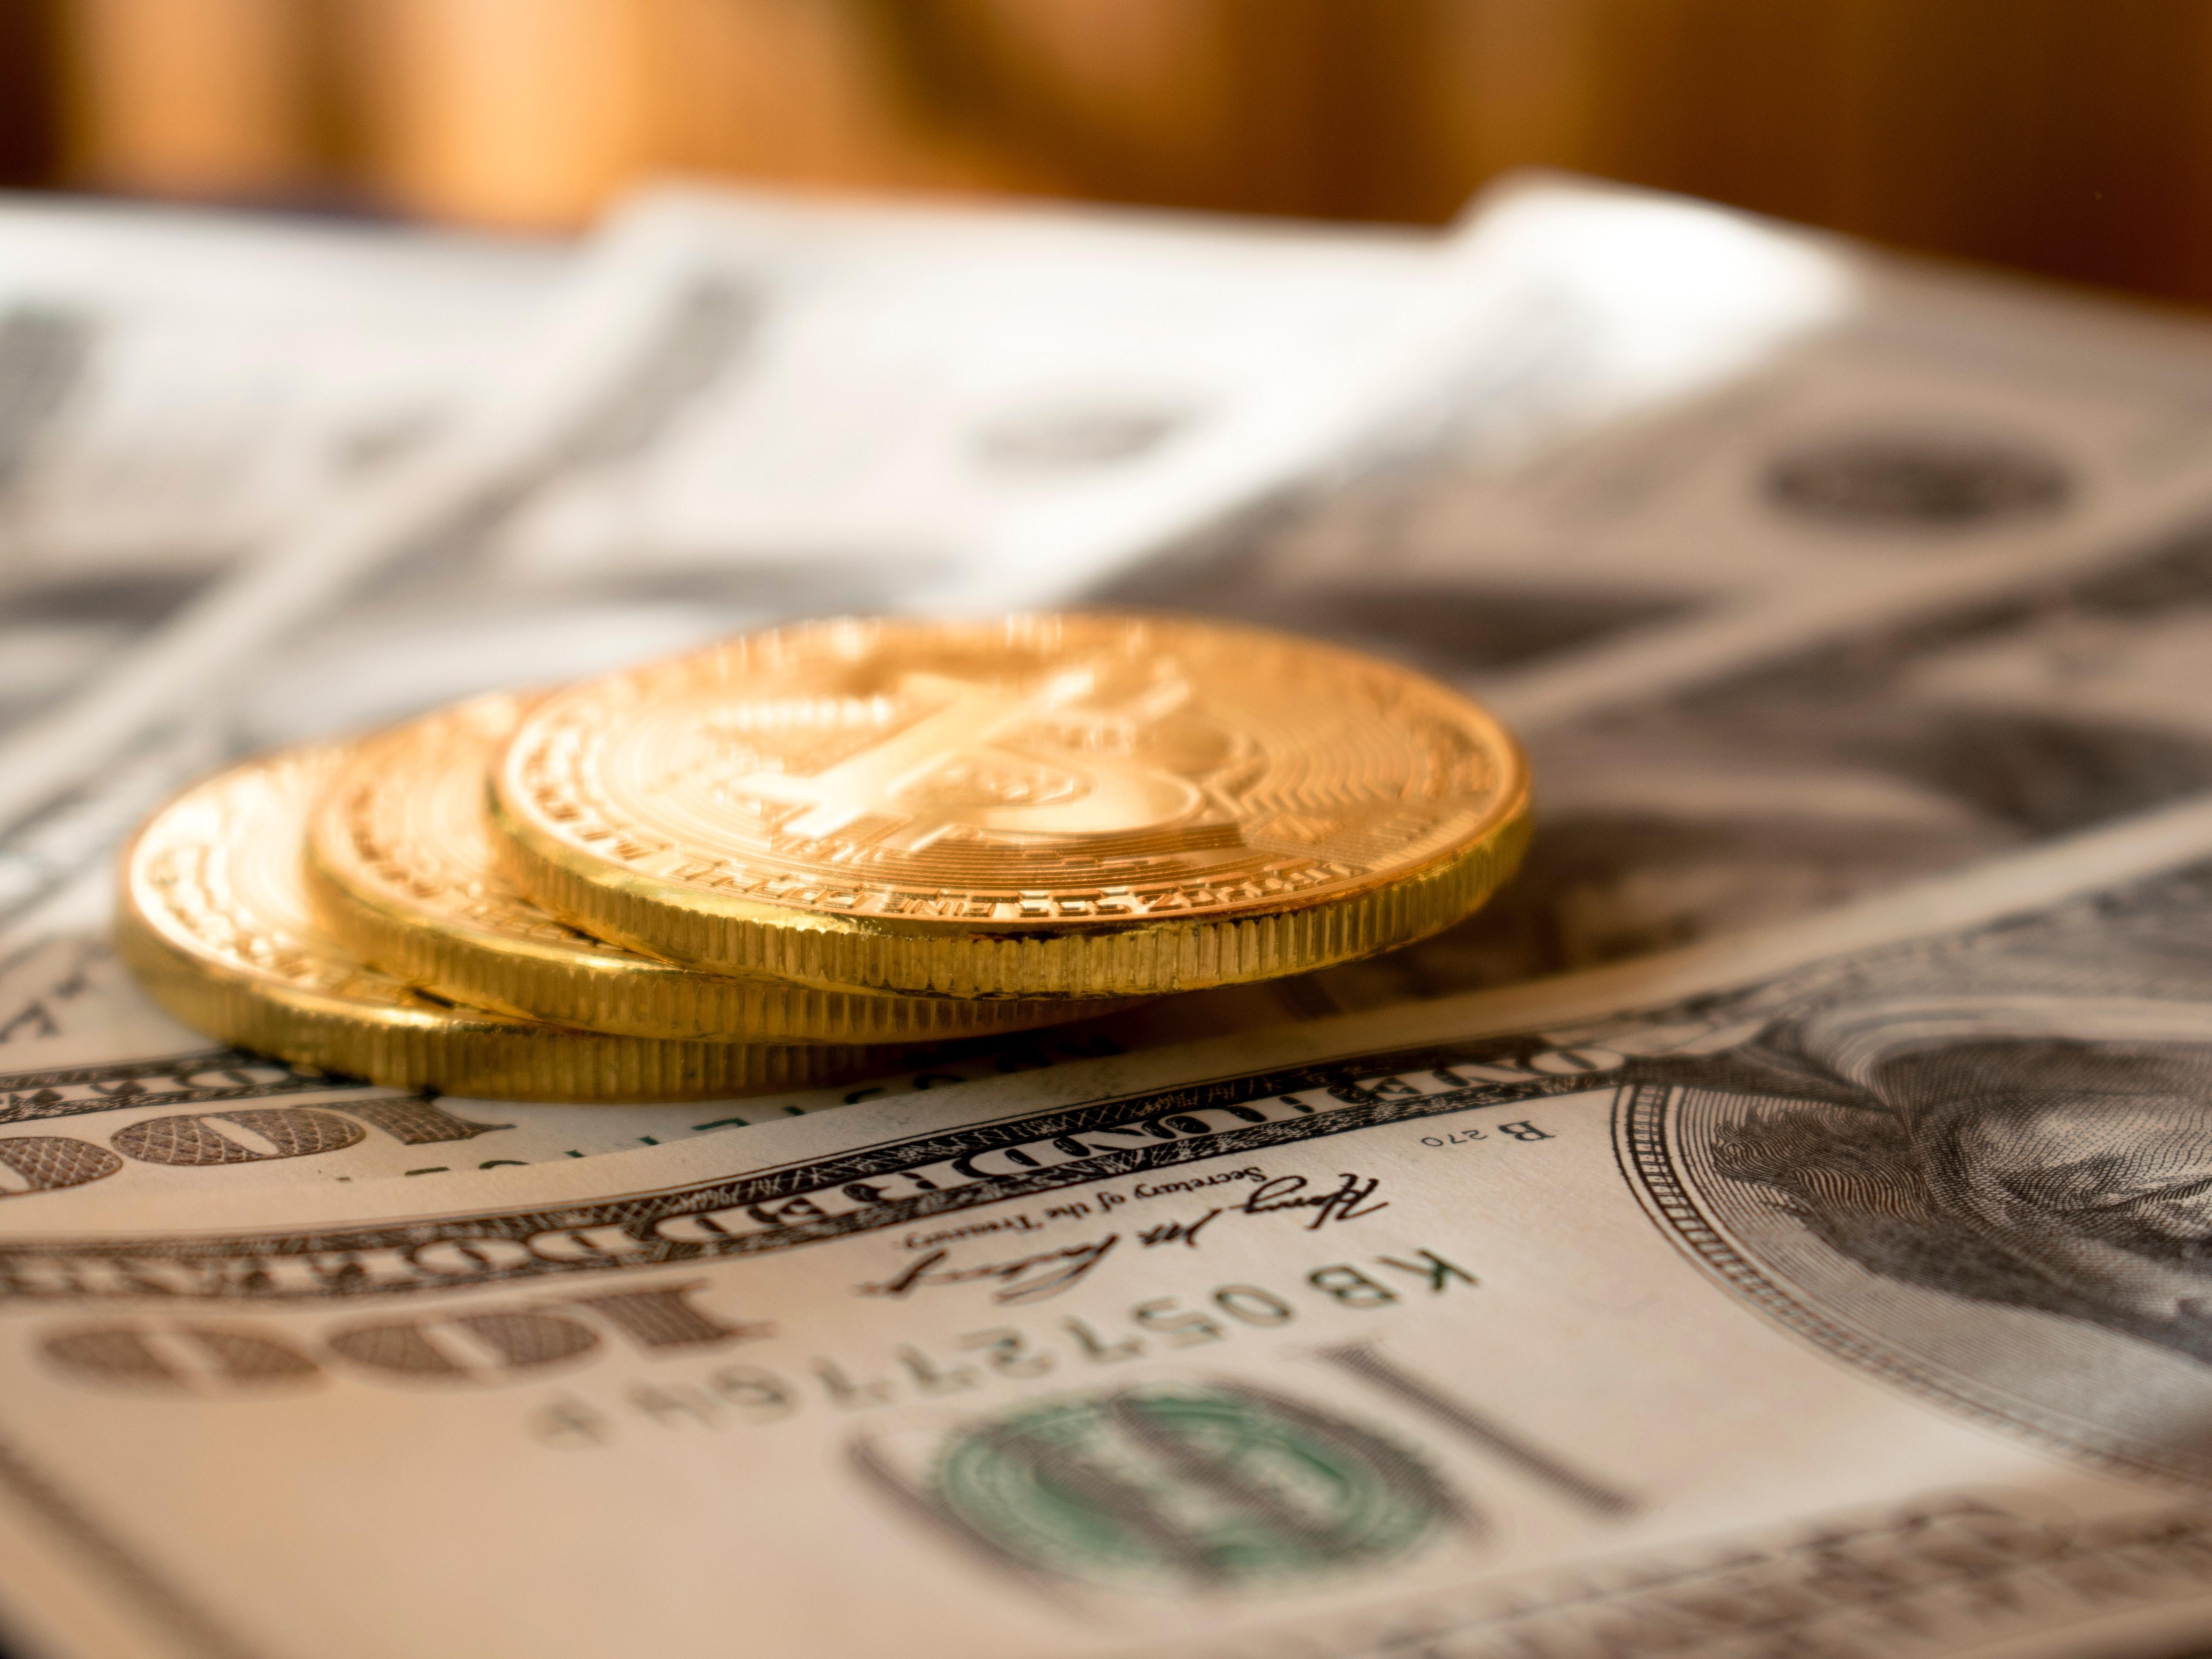 NIO Raises Another USD 100 Million